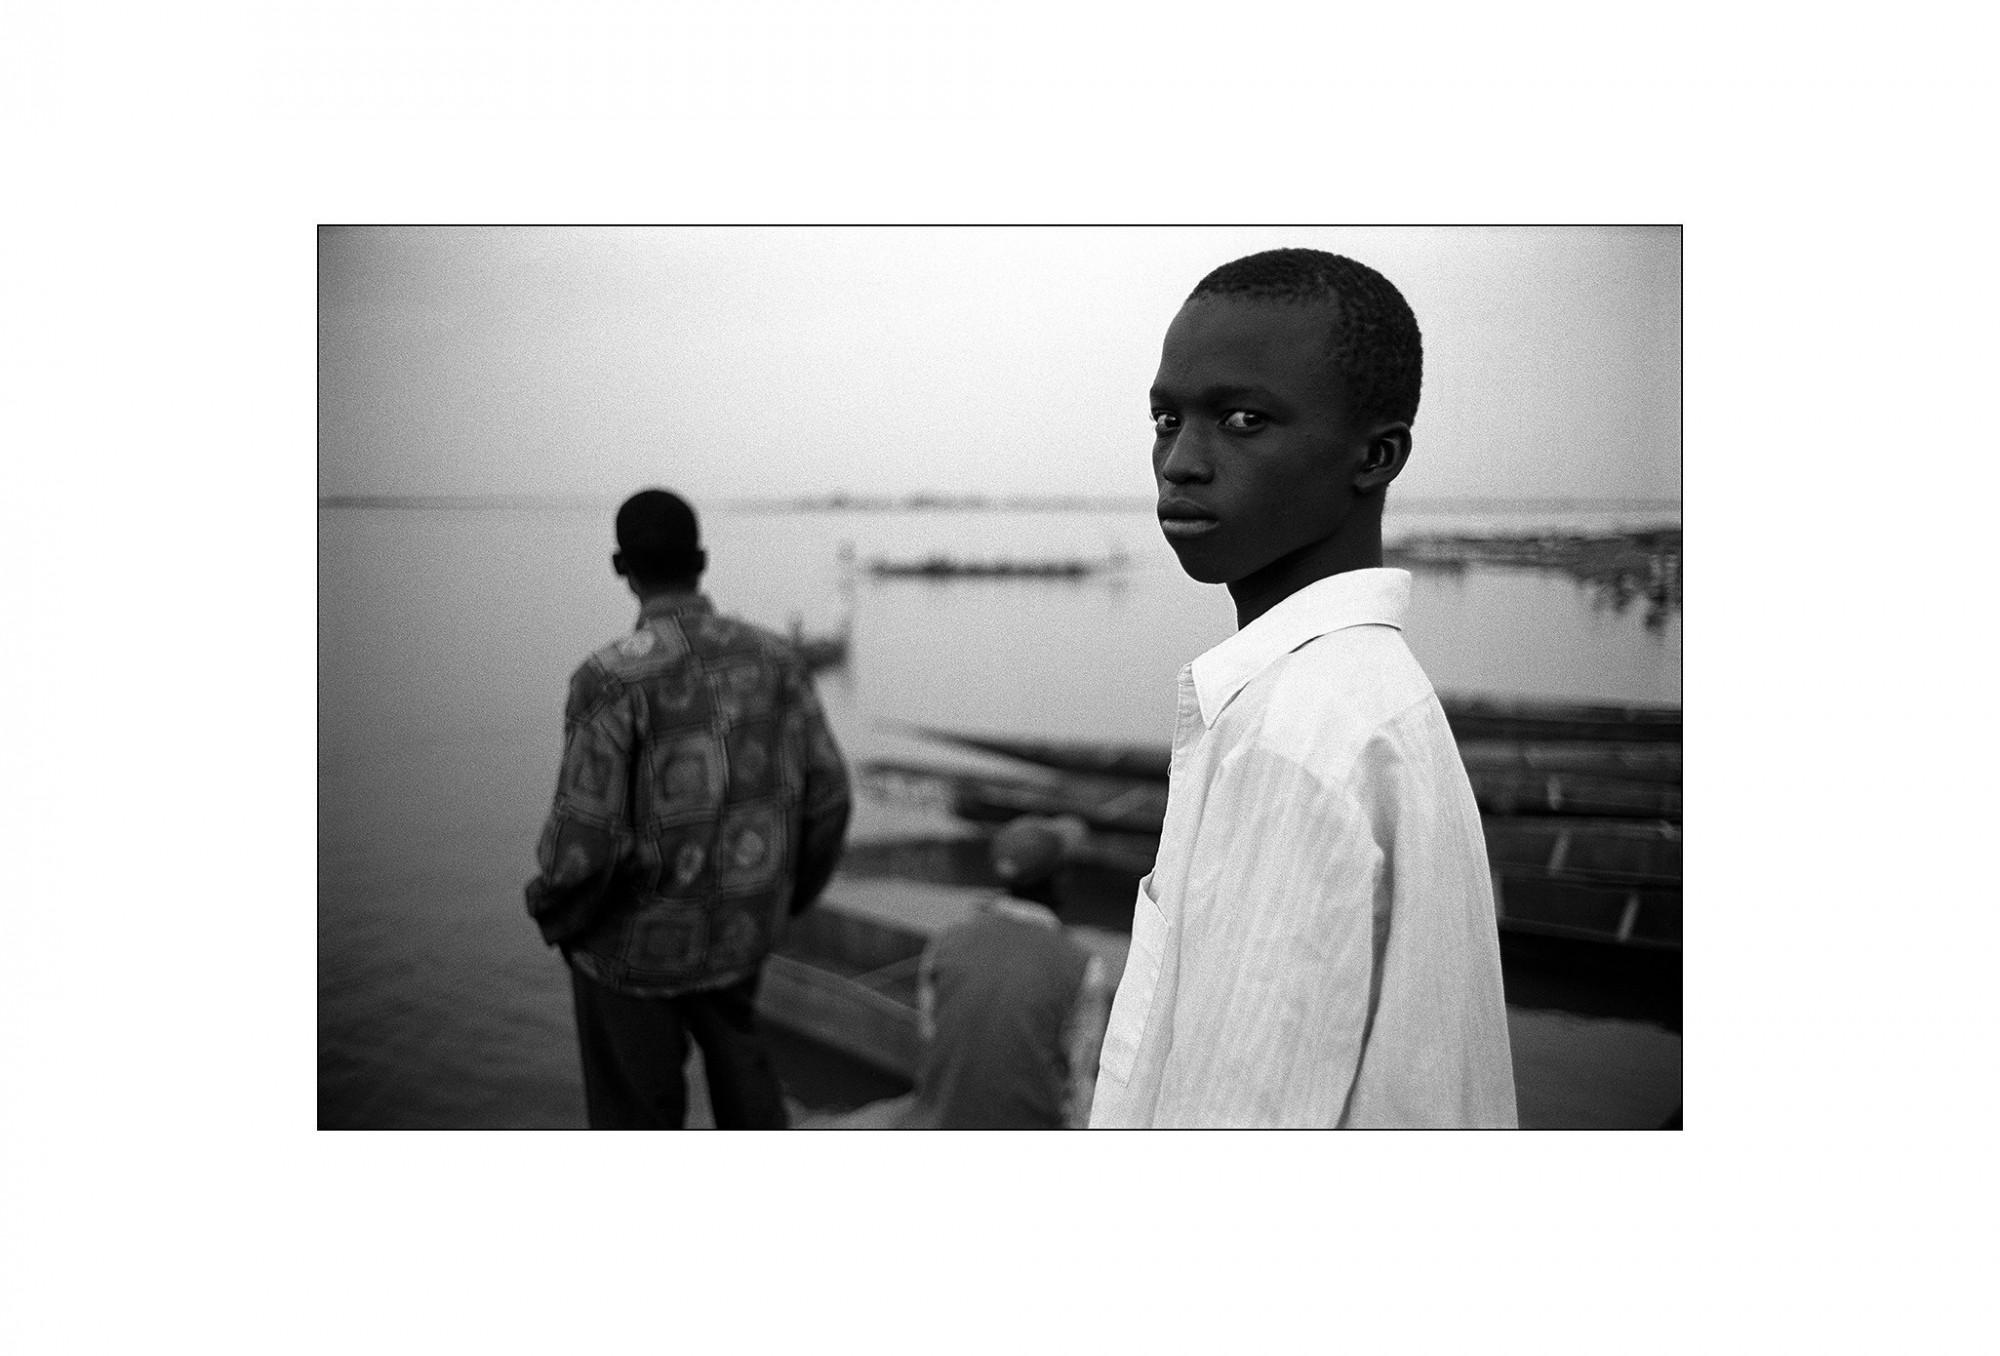 Afbeelding: Fotografie - Art, uit de reeks : De kleur van zwart. Mali, 98-11-30,© Dominique Van Huffel